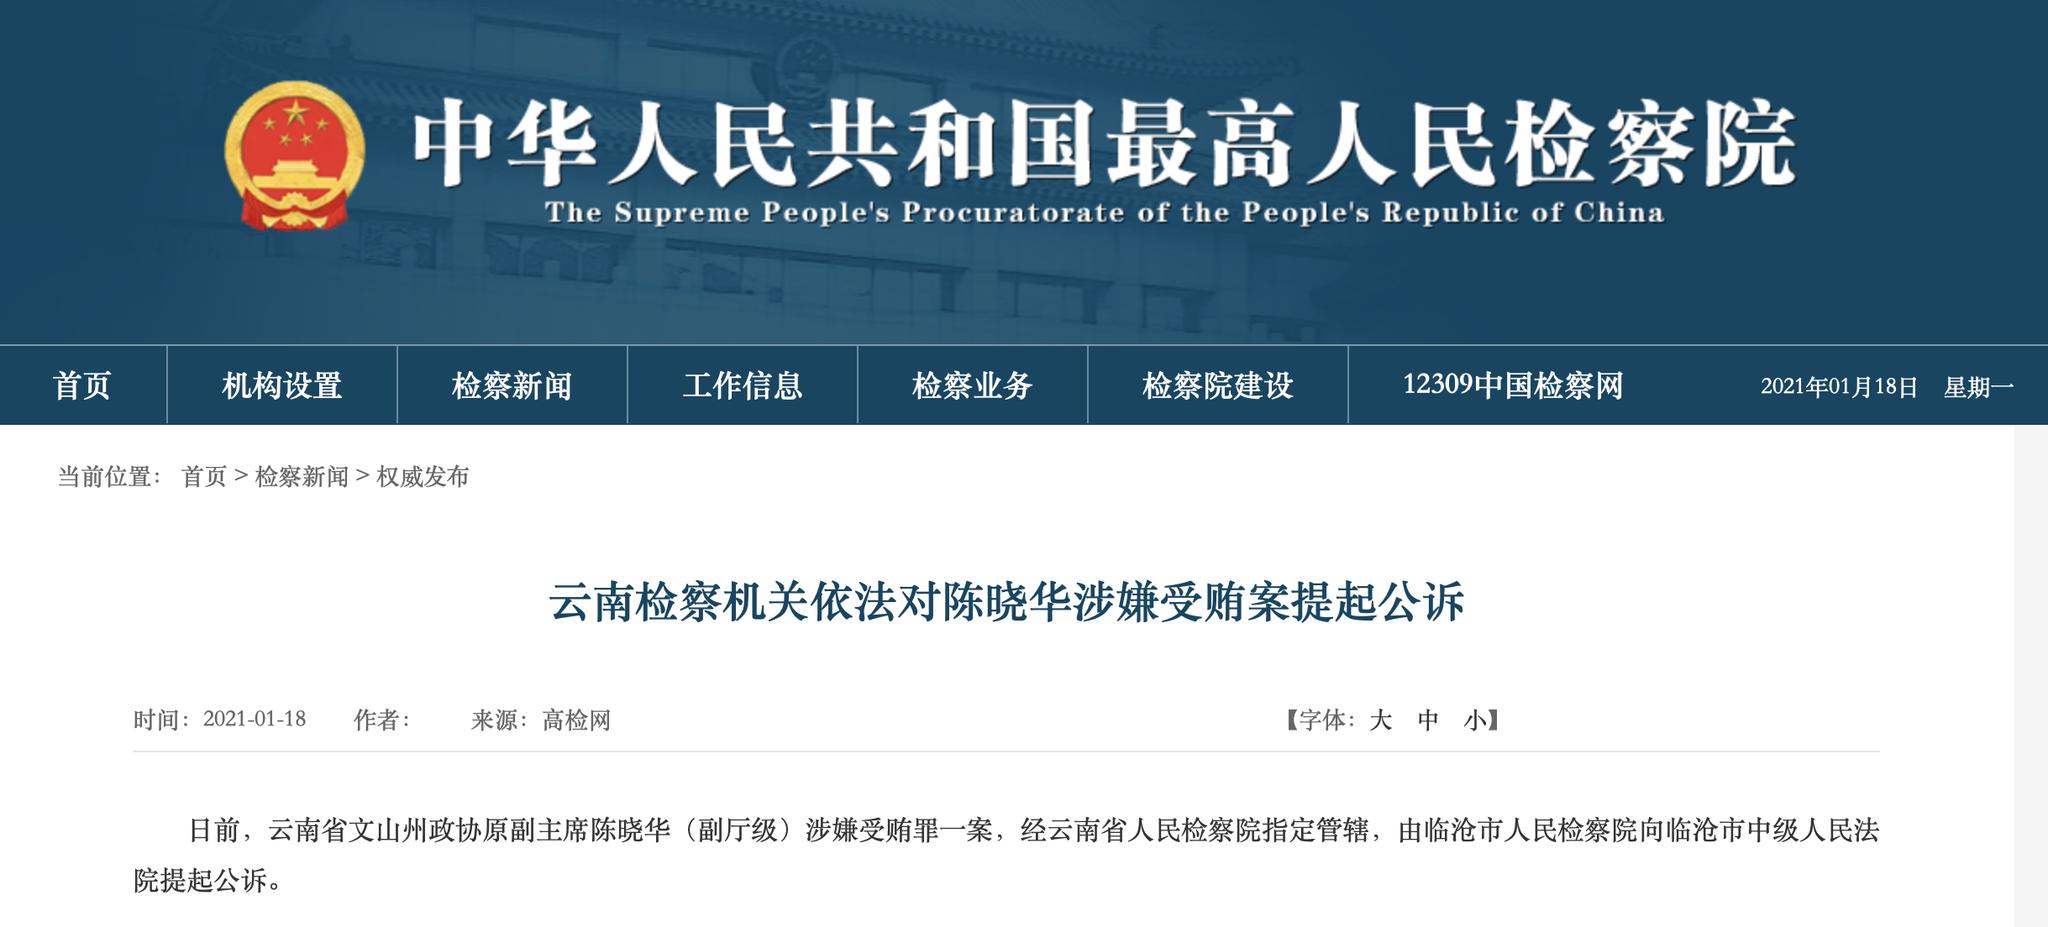 云南检察机关依法对文山州政协原副主席陈晓华涉嫌受贿案提起公诉